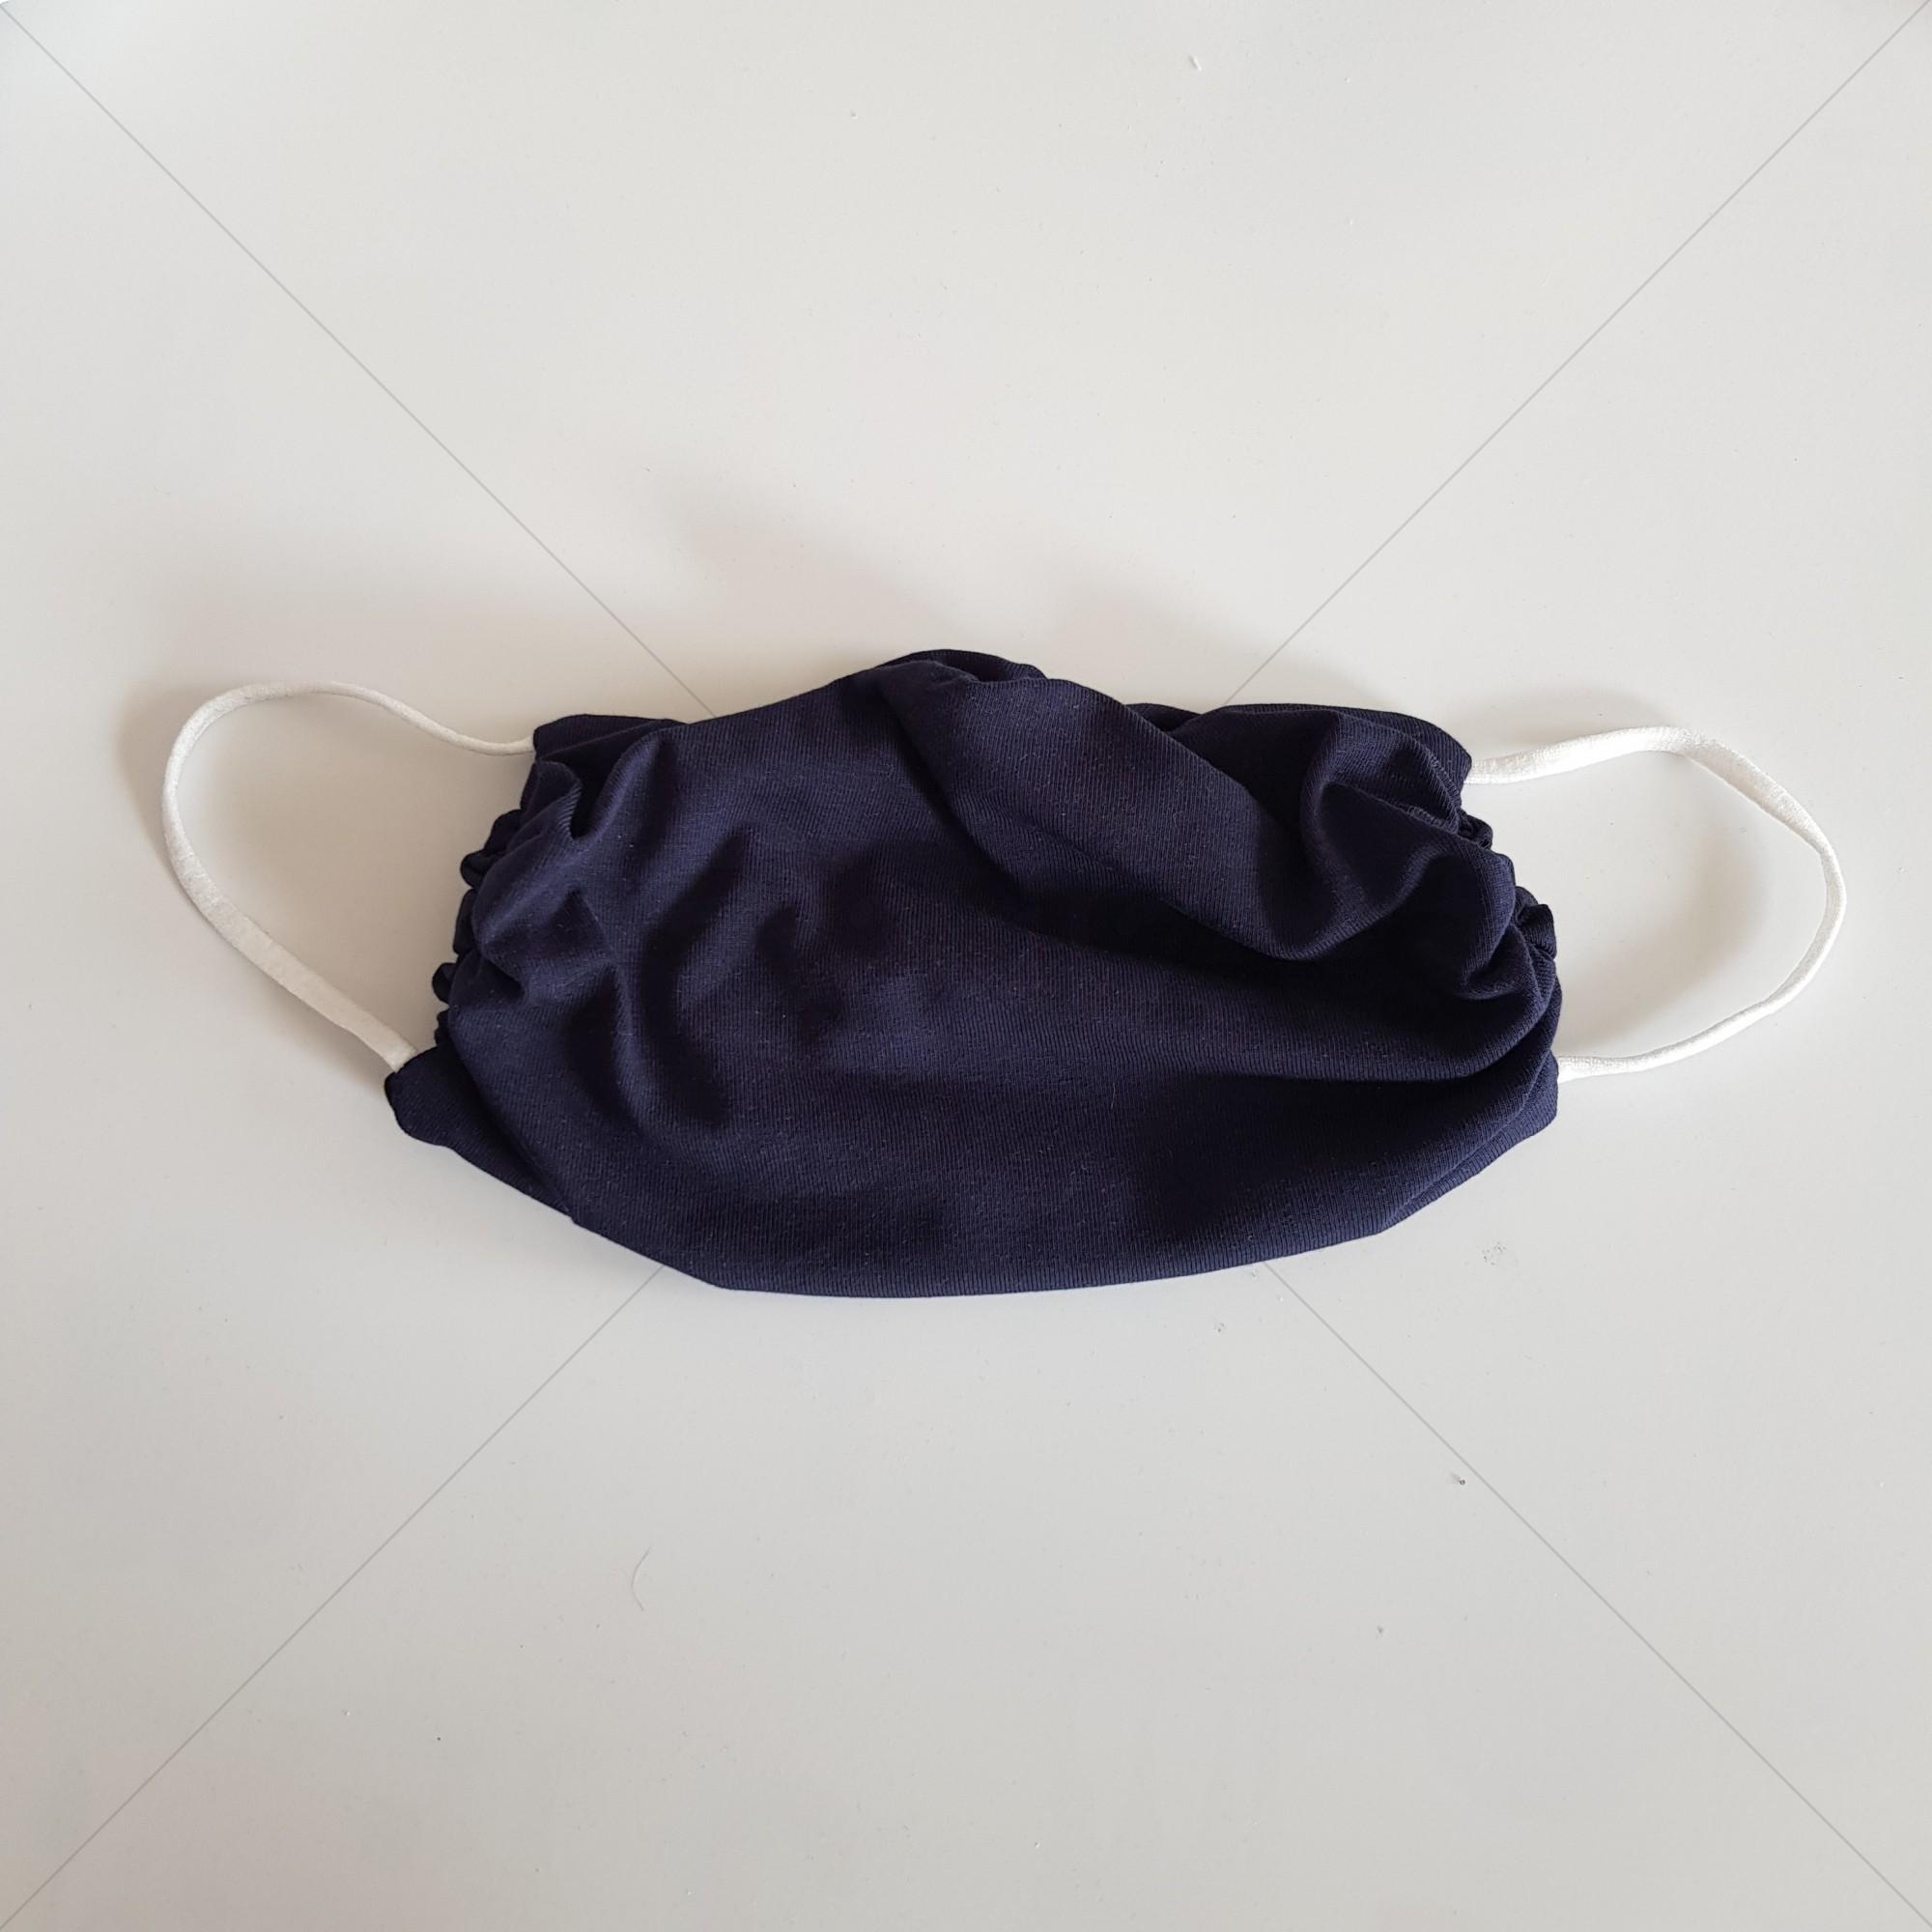 Mondkapje volwassen - Marine blauw